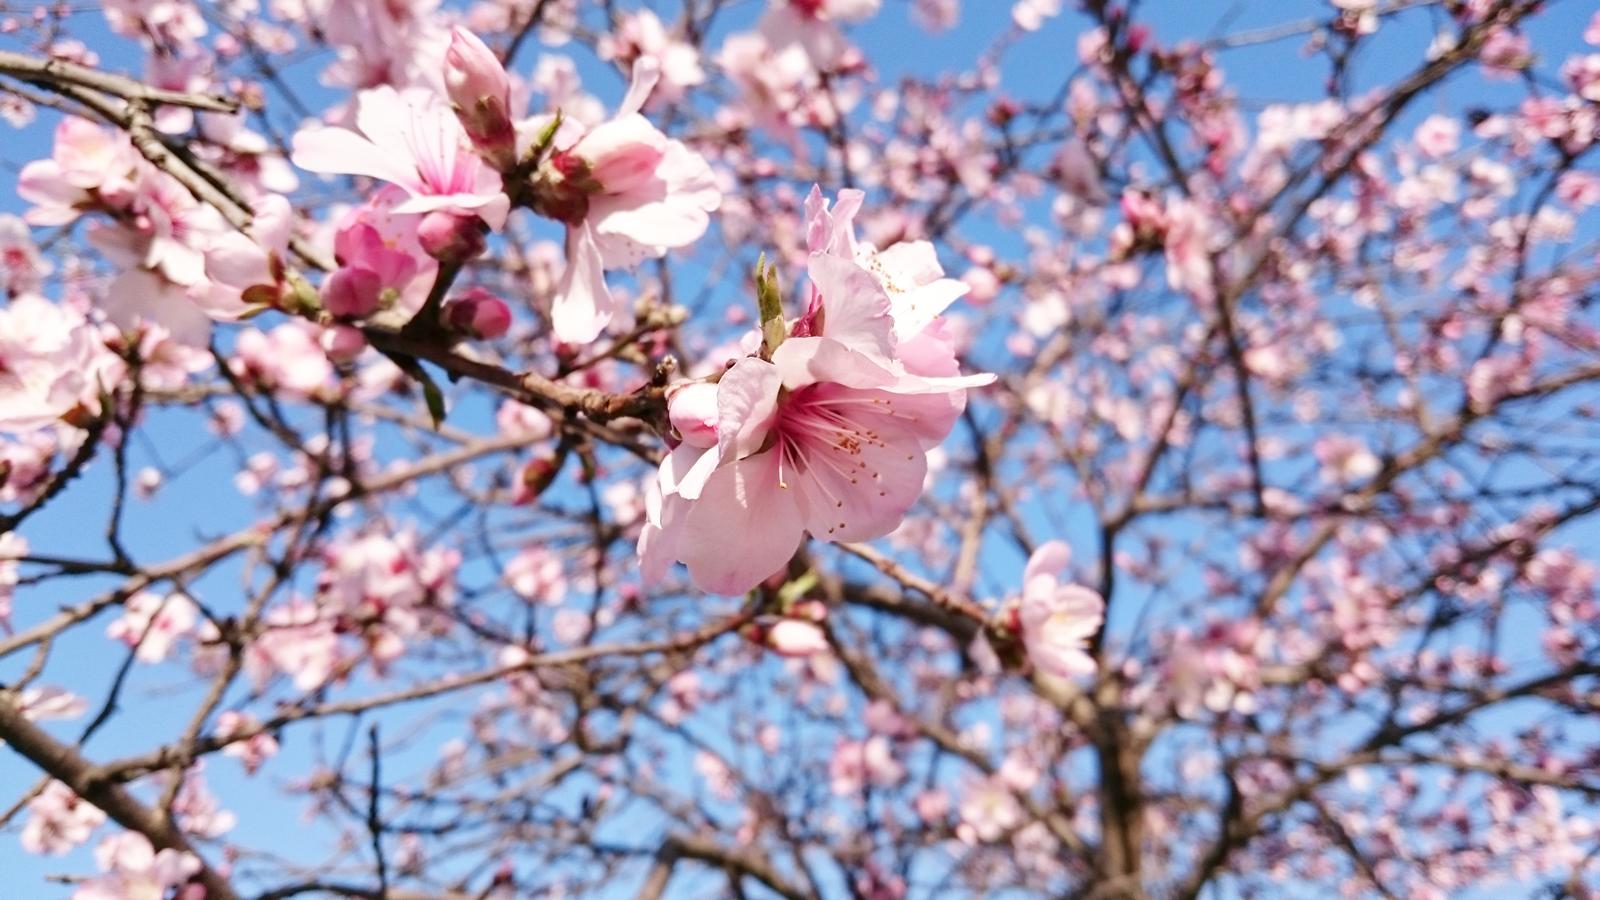 Sudah Siap Berangkat Ke Jepan Musim Bunga Sakura Datang Segera